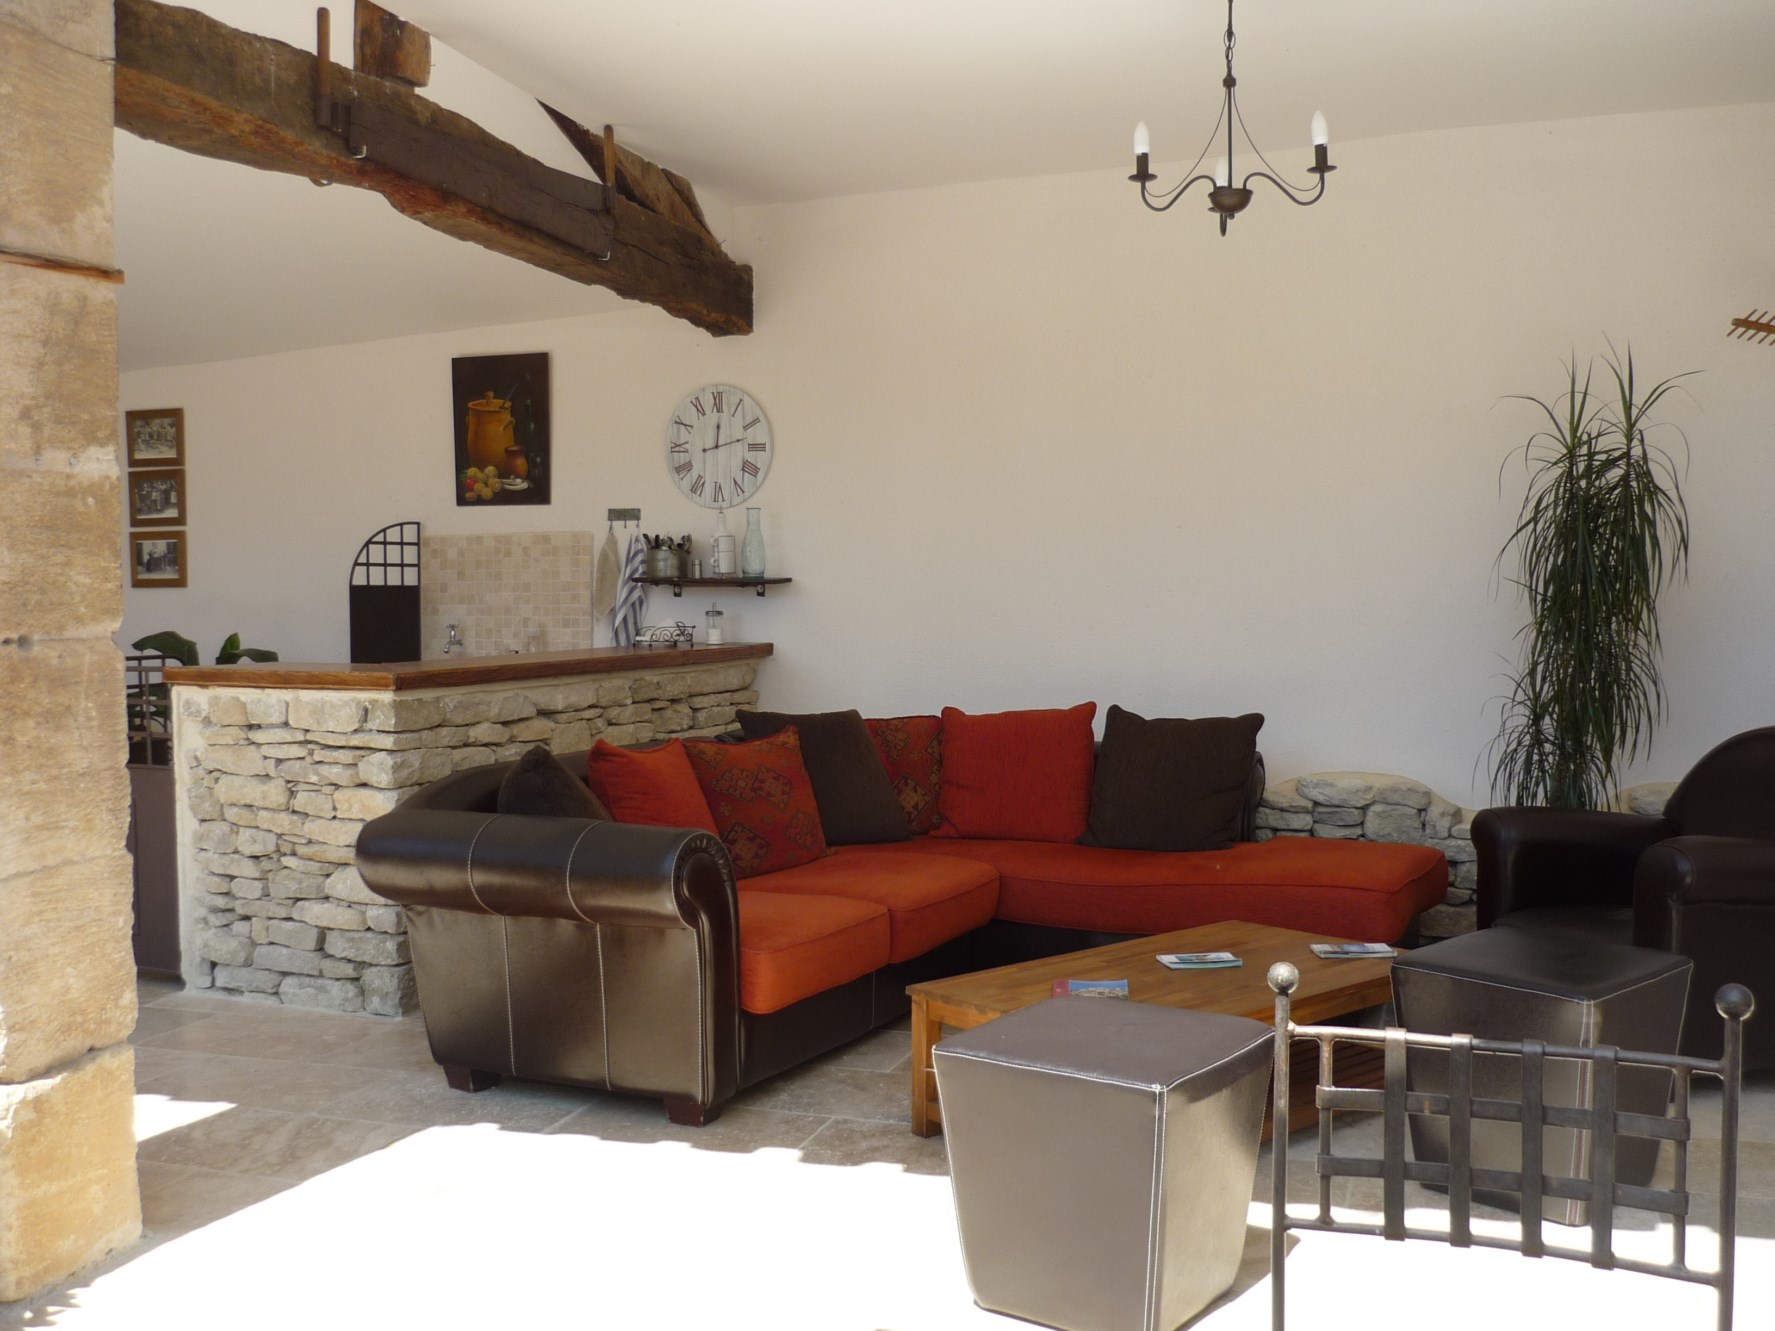 Luberon, à vendre,  partie de mas provençal rénové, sur 1 hectare, avec piscine